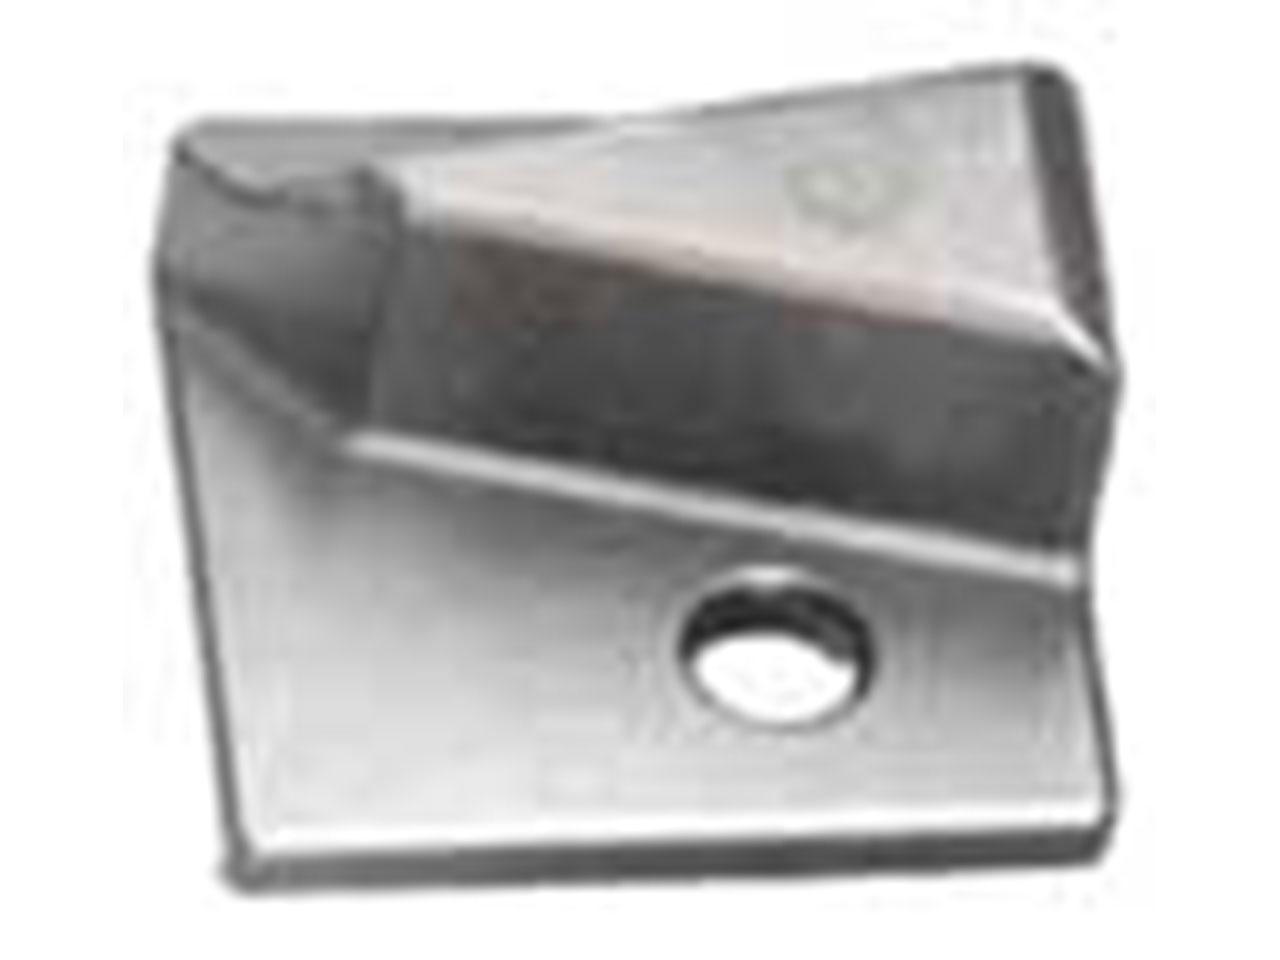 Stützkeil für X-Maschinen X93 und X97